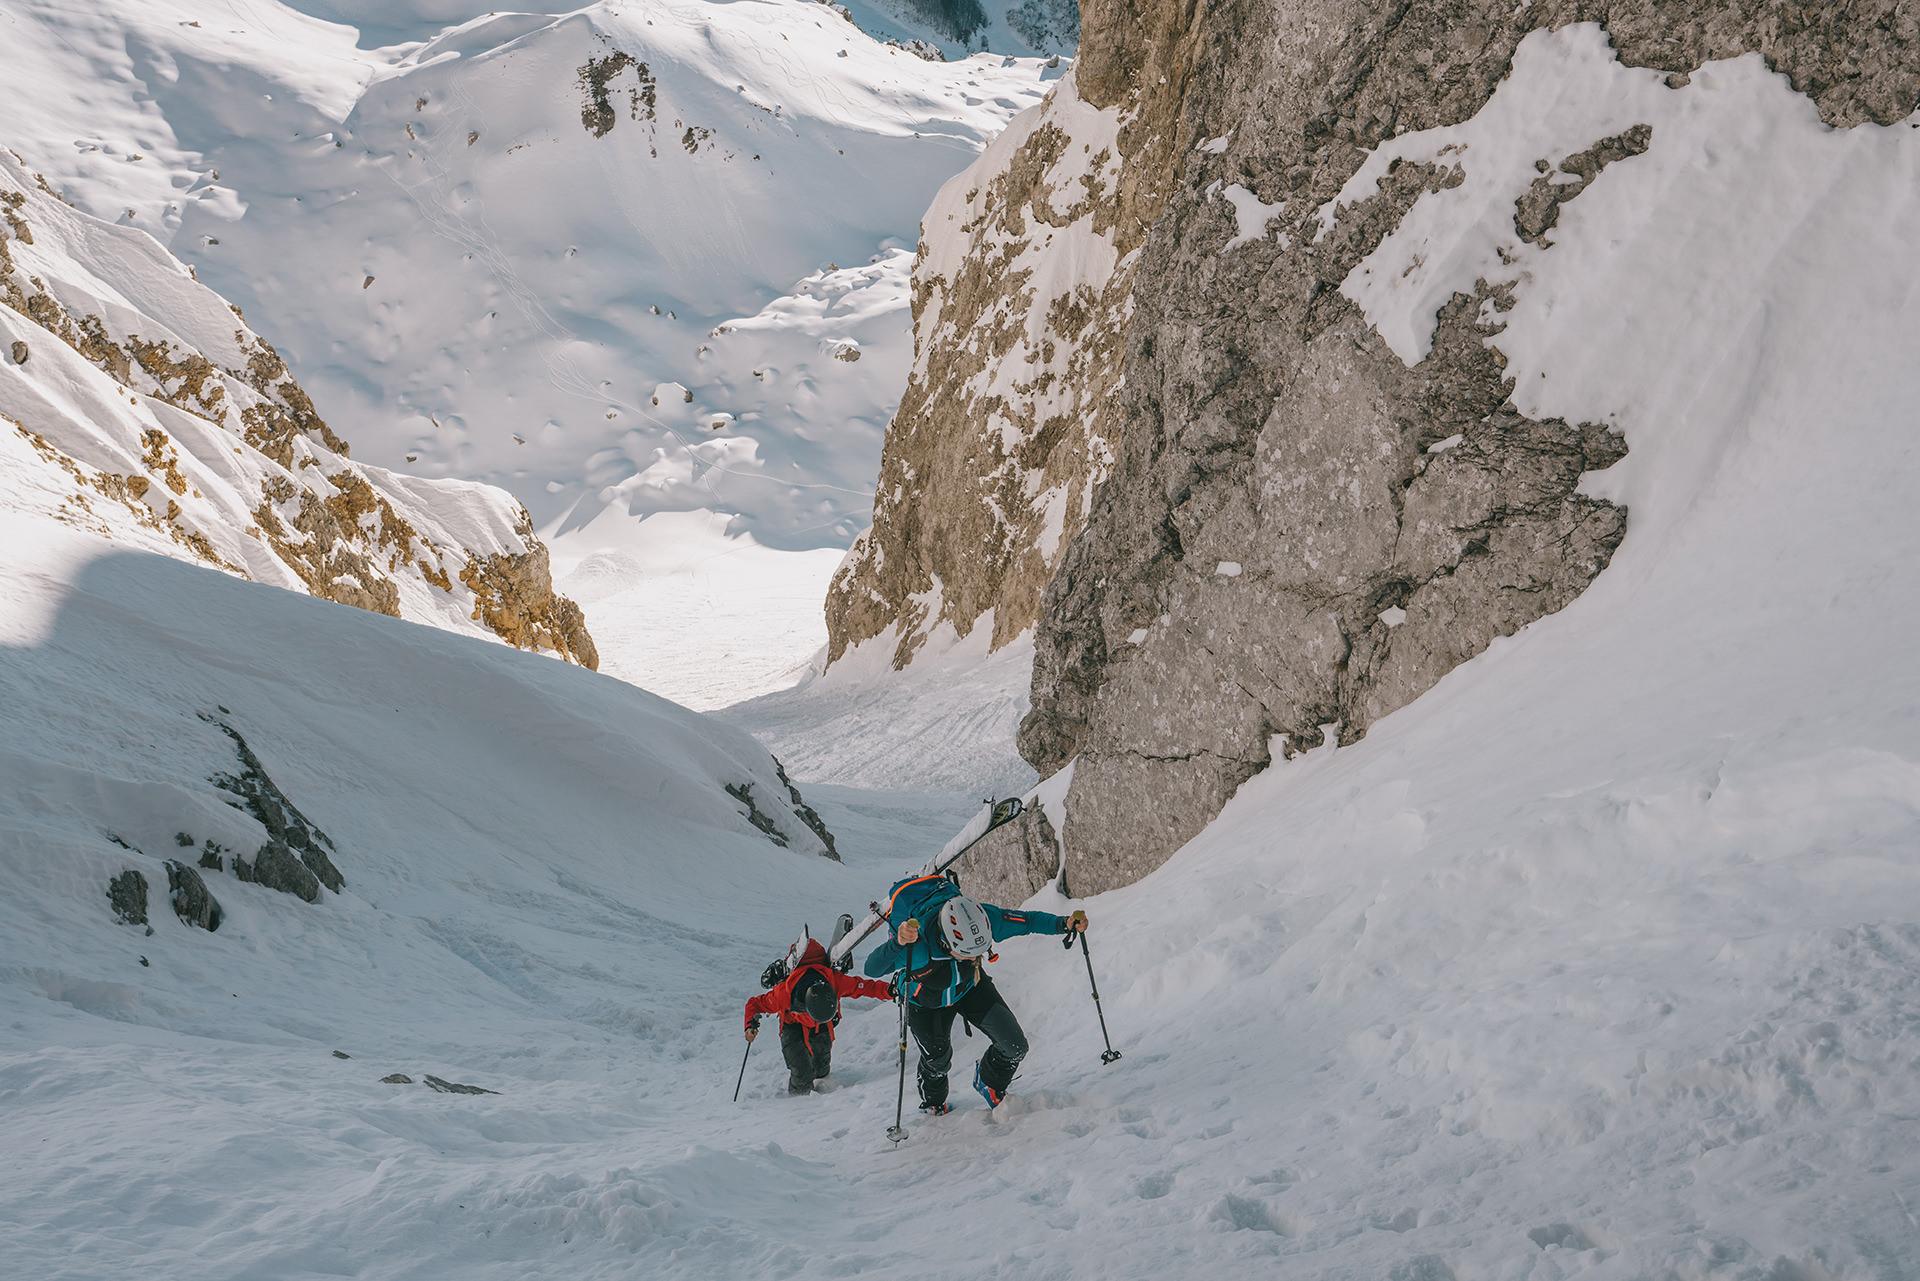 aufstieg-skitour-berge-schatten-aussicht